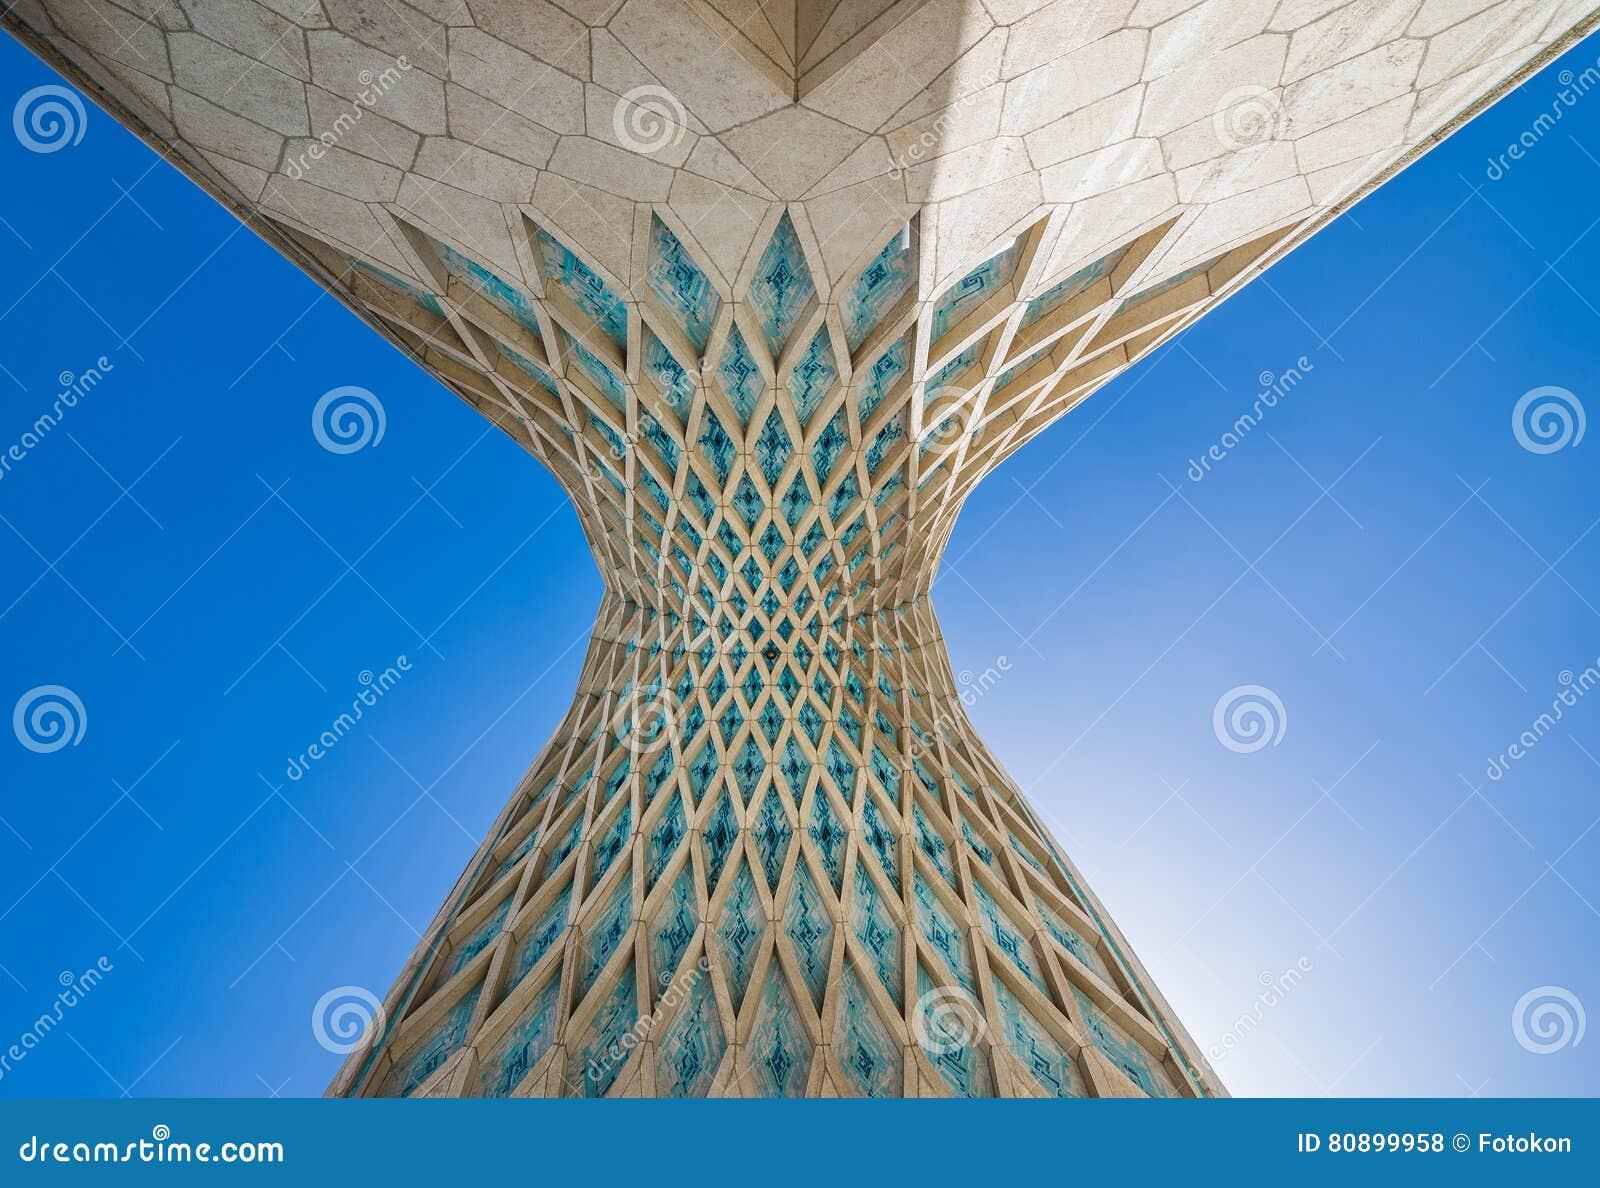 Teheran in Iran